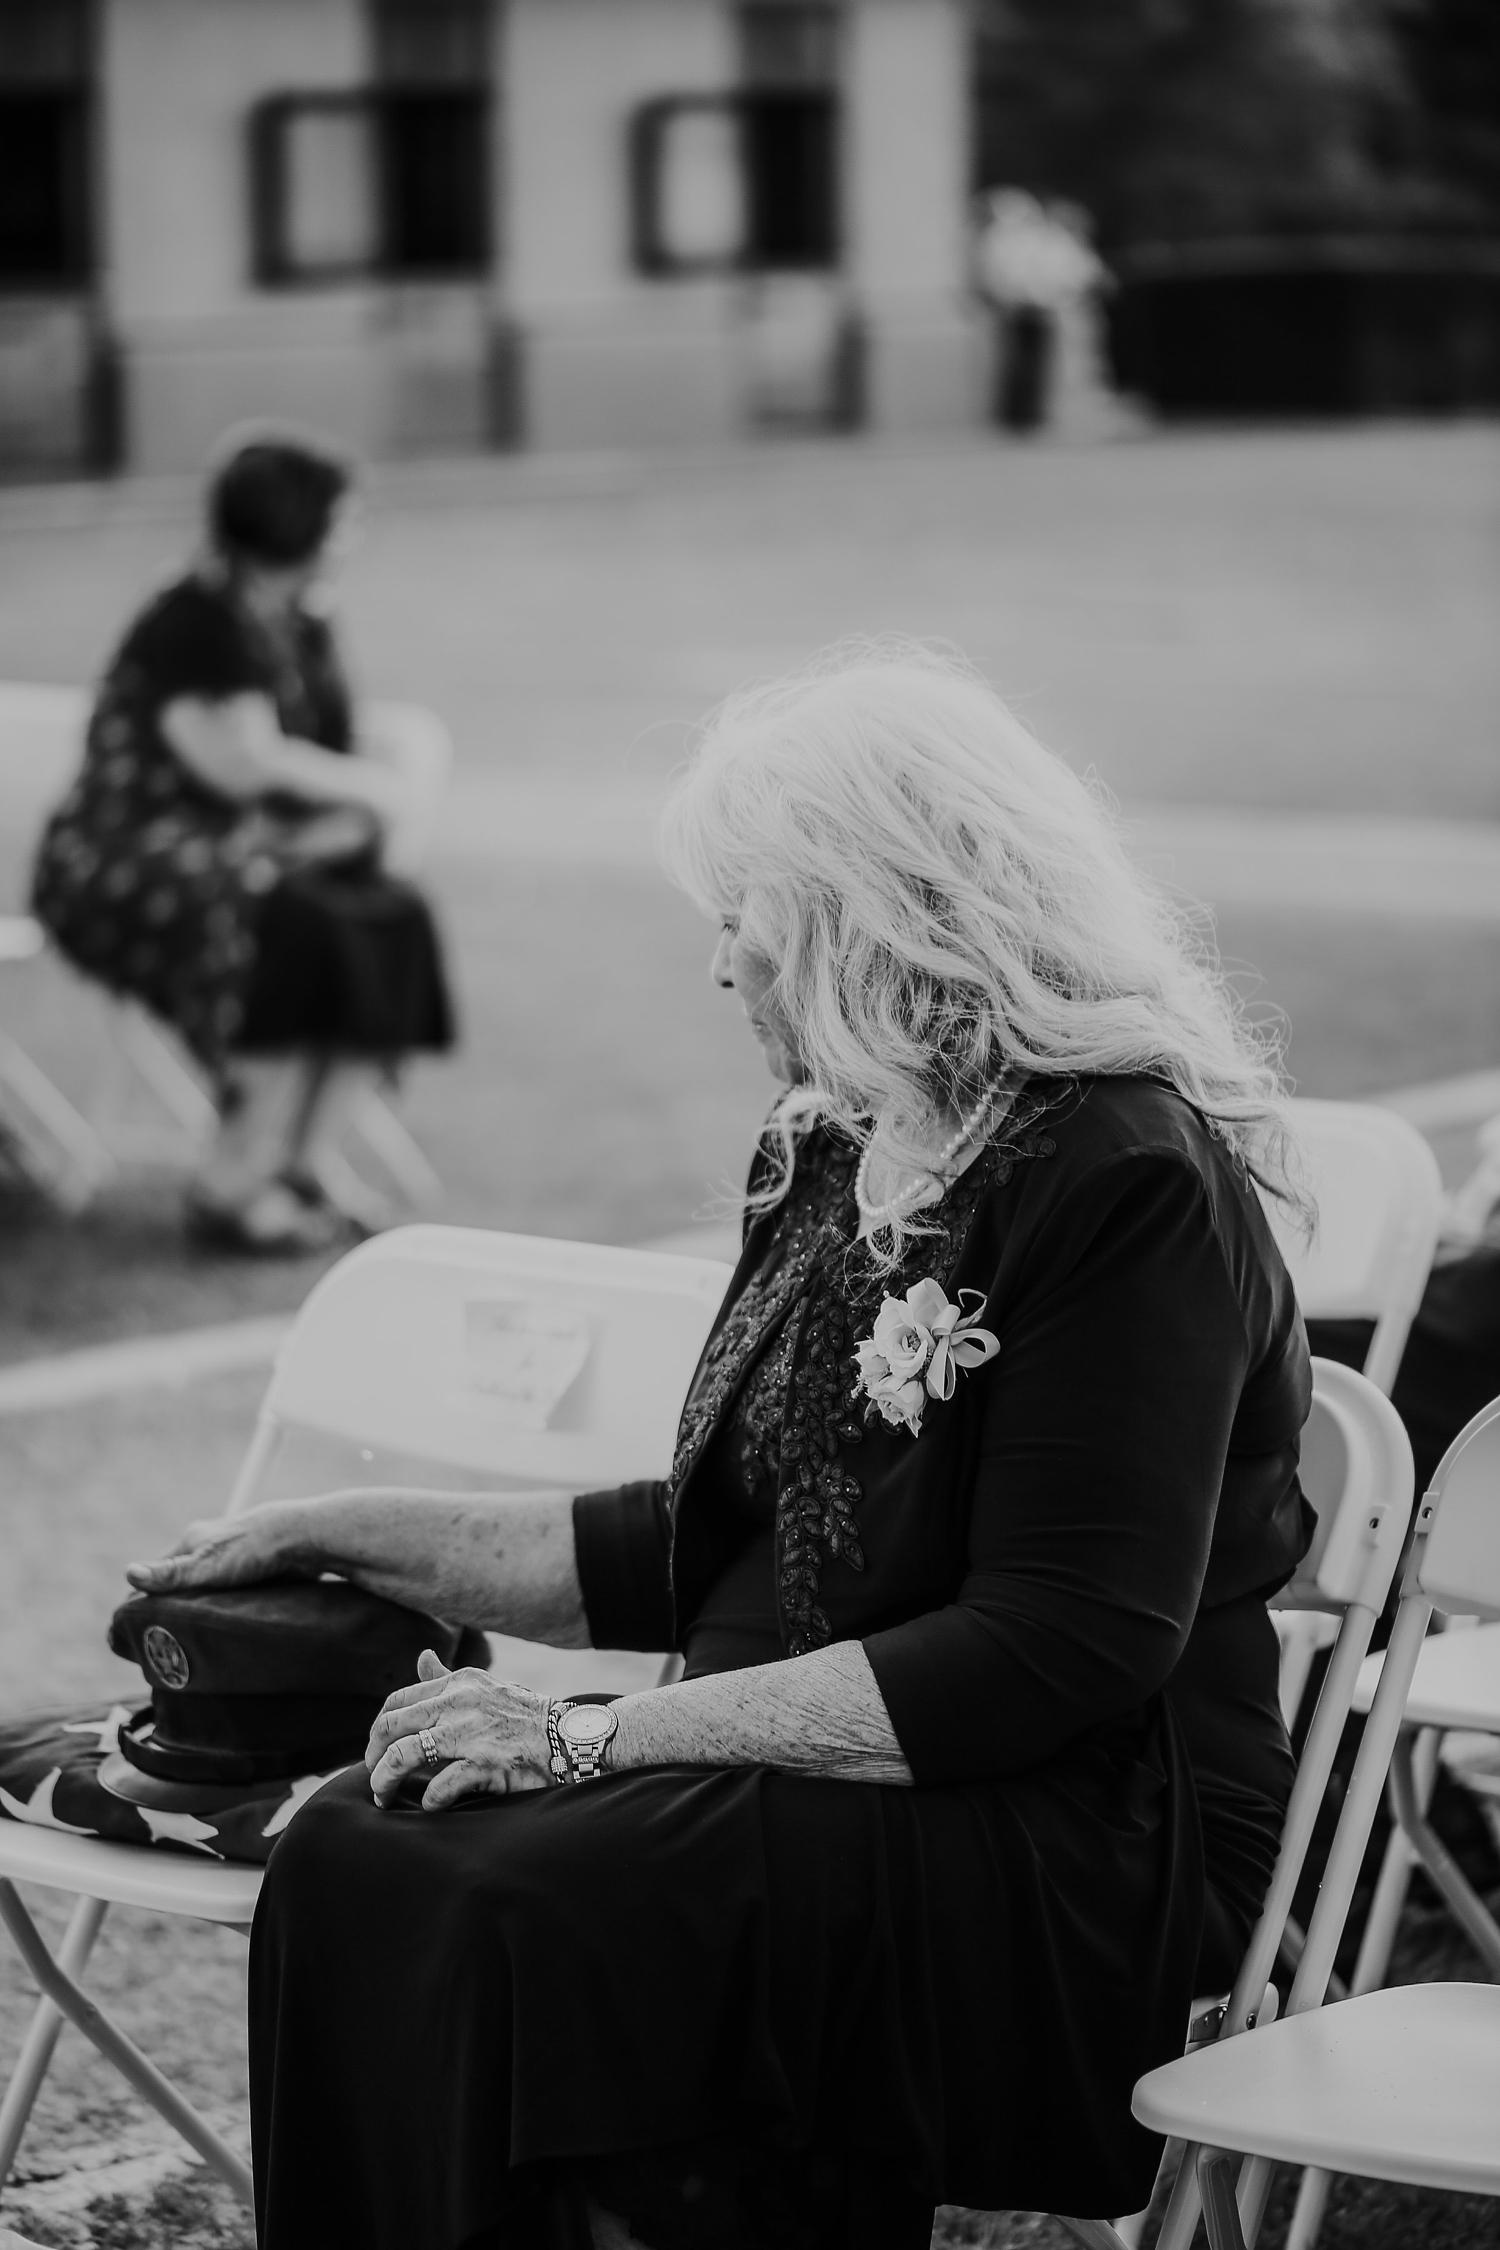 Alicia+lucia+photography+-+albuquerque+wedding+photographer+-+santa+fe+wedding+photography+-+new+mexico+wedding+photographer+-+new+mexico+engagement+-+la+mesita+ranch+wedding+-+la+mesita+ranch+spring+wedding_0023.jpg